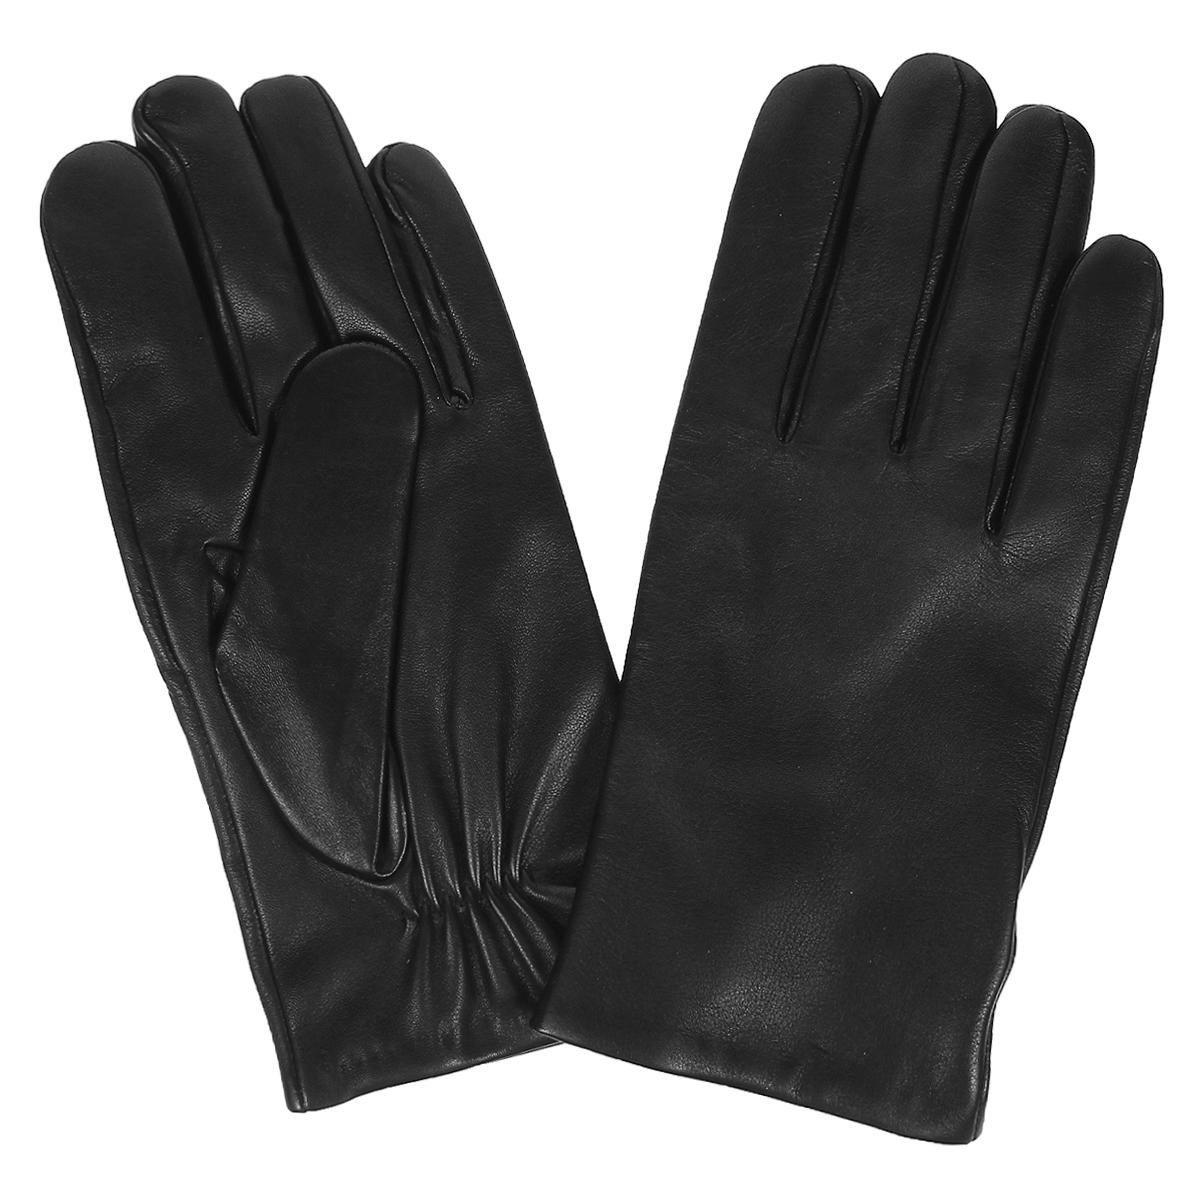 Перчатки мужские. W505W505/10Стильные мужские перчатки Baggini не только защитят ваши руки от холода, но и станут великолепным украшением. Перчатки выполнены из чрезвычайно мягкой и приятной на ощупь натуральной кожи на шерстяной подкладке. С тыльной стороны в области запястья перчатки присборены на тонкие эластичные резиночки. В настоящее время перчатки являются неотъемлемой принадлежностью одежды. Перчатки станут завершающим и подчеркивающим элементом вашего стиля и неповторимости.